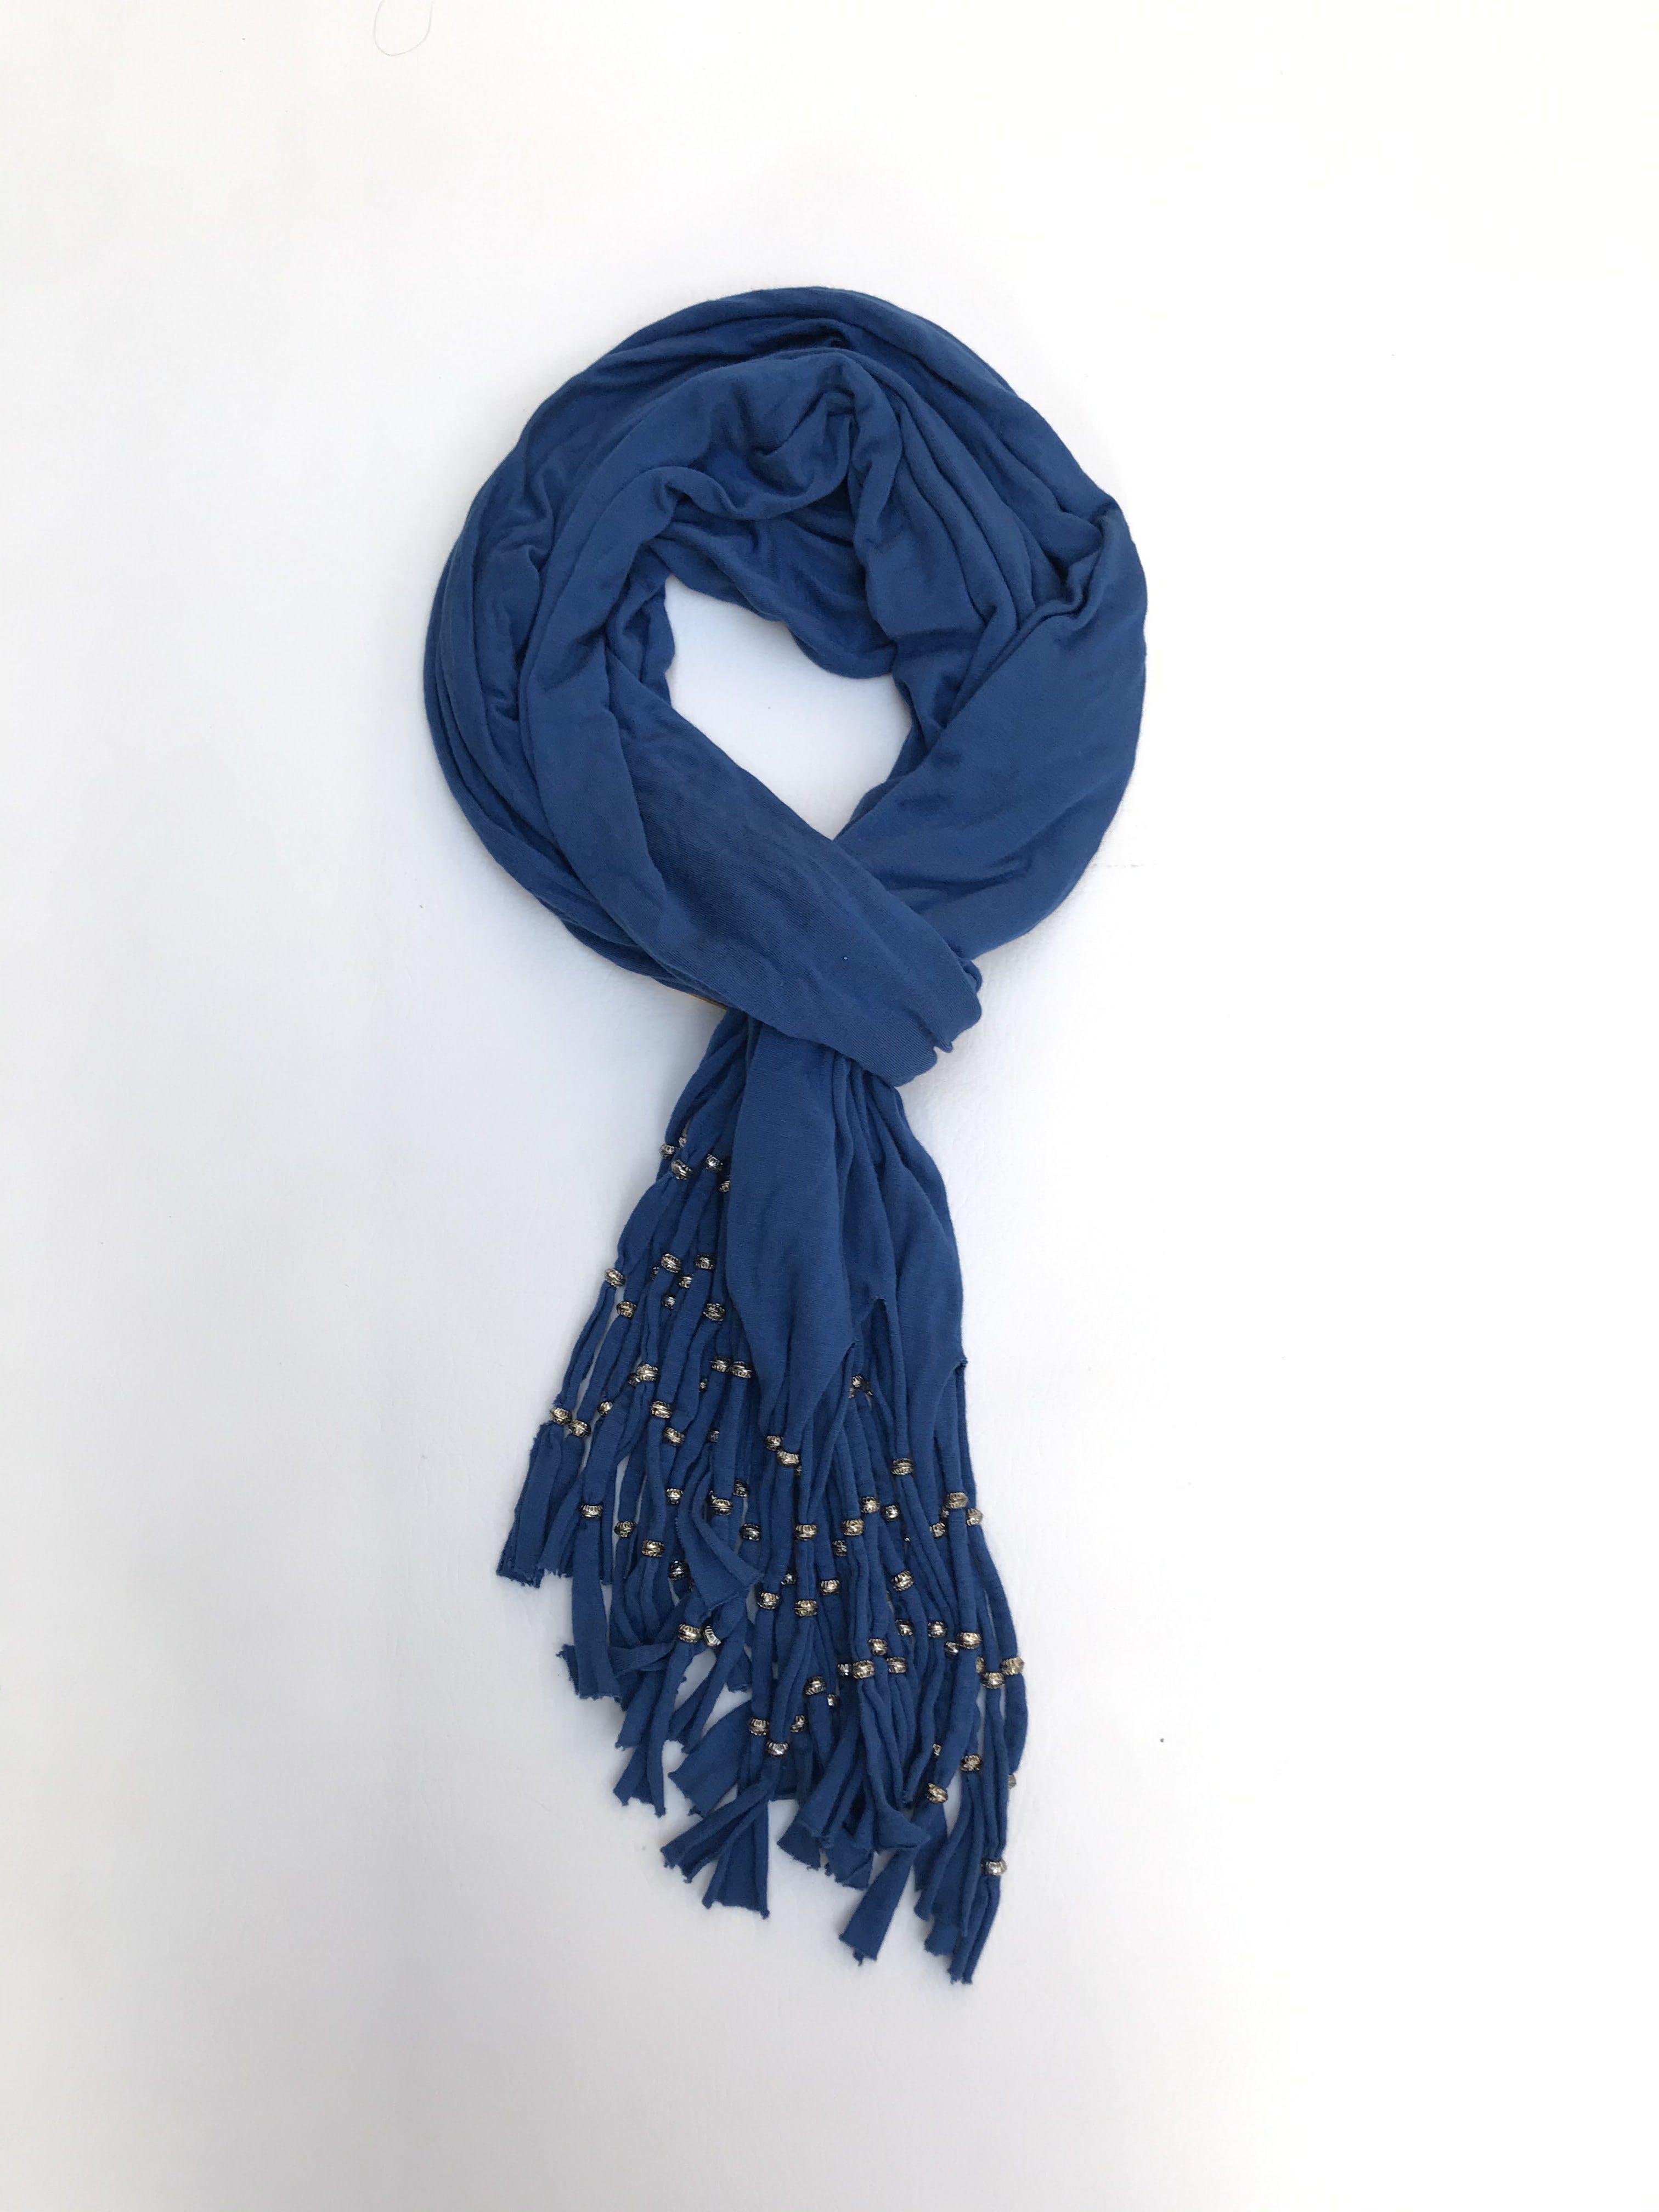 Chalina tipo algodón azul con flecos y aritos plateados. 46x190cm